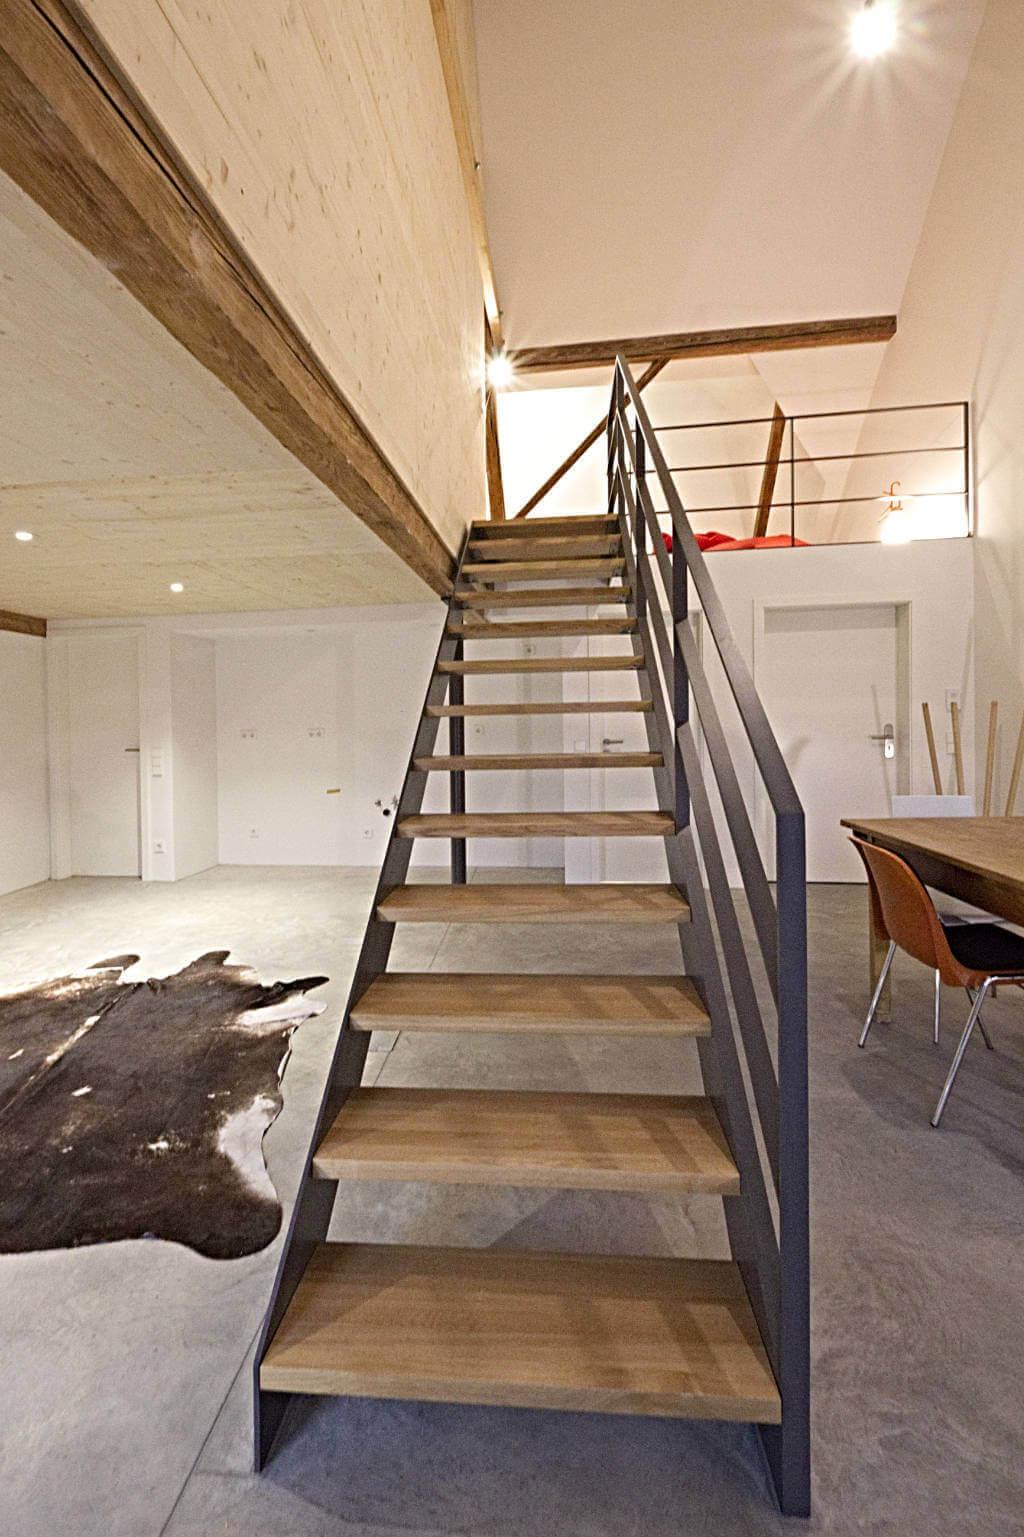 her-i-04-marcbetz architekten